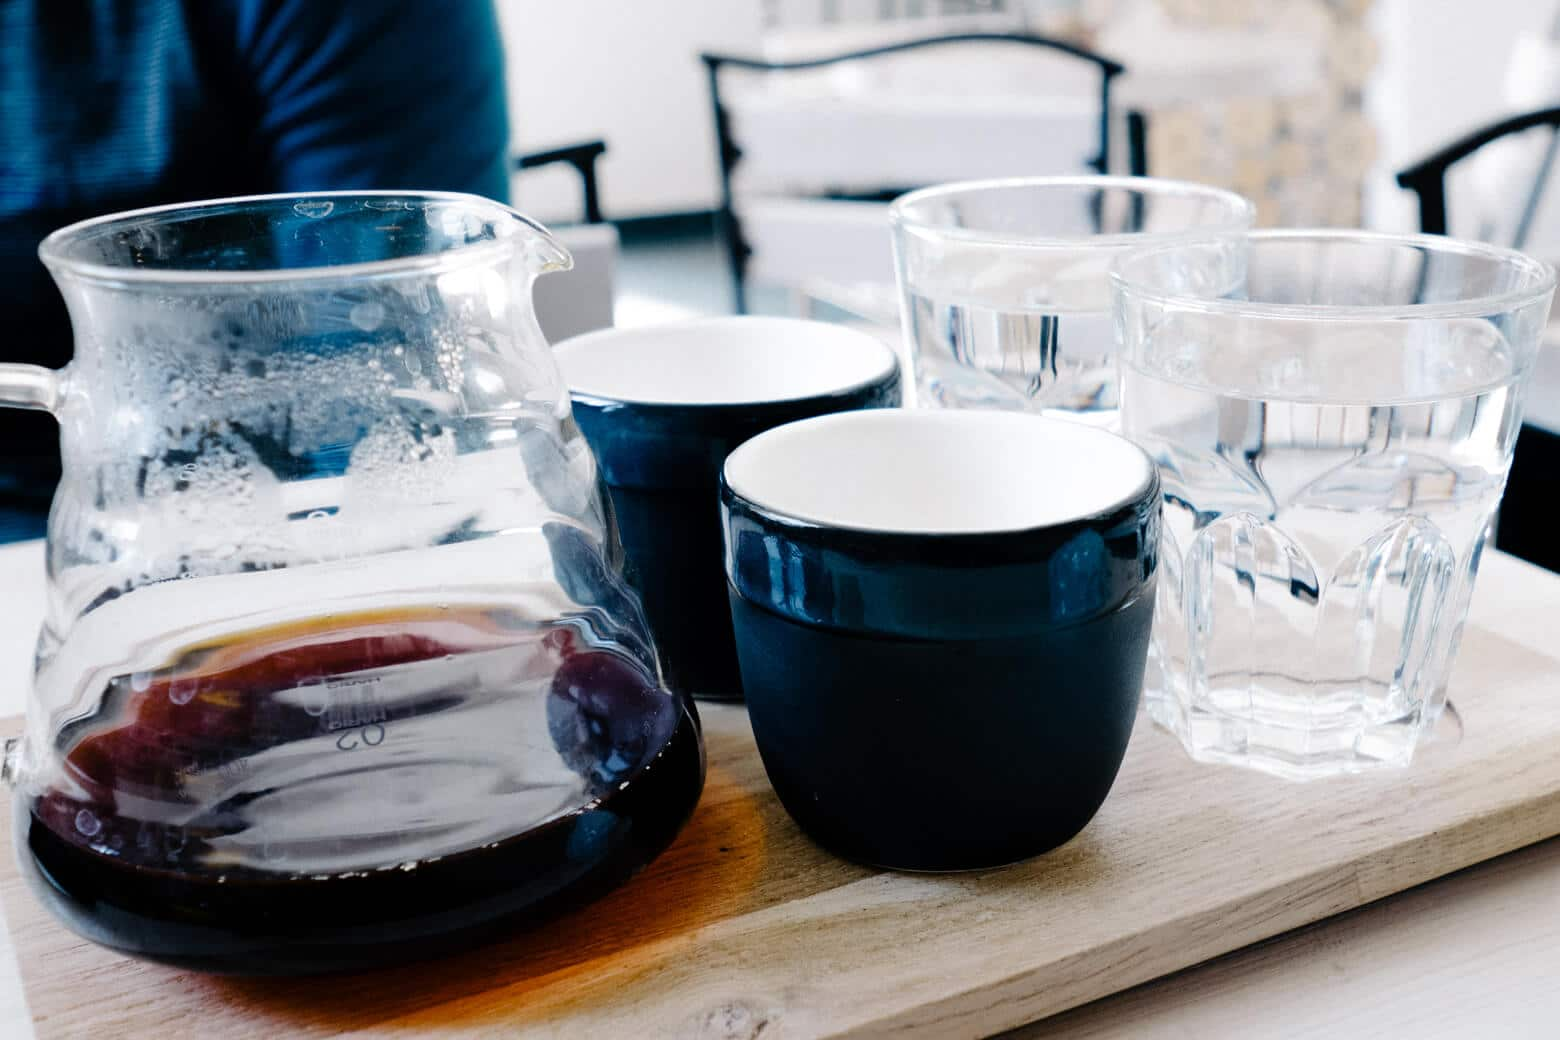 Mesto Specialty Coffee